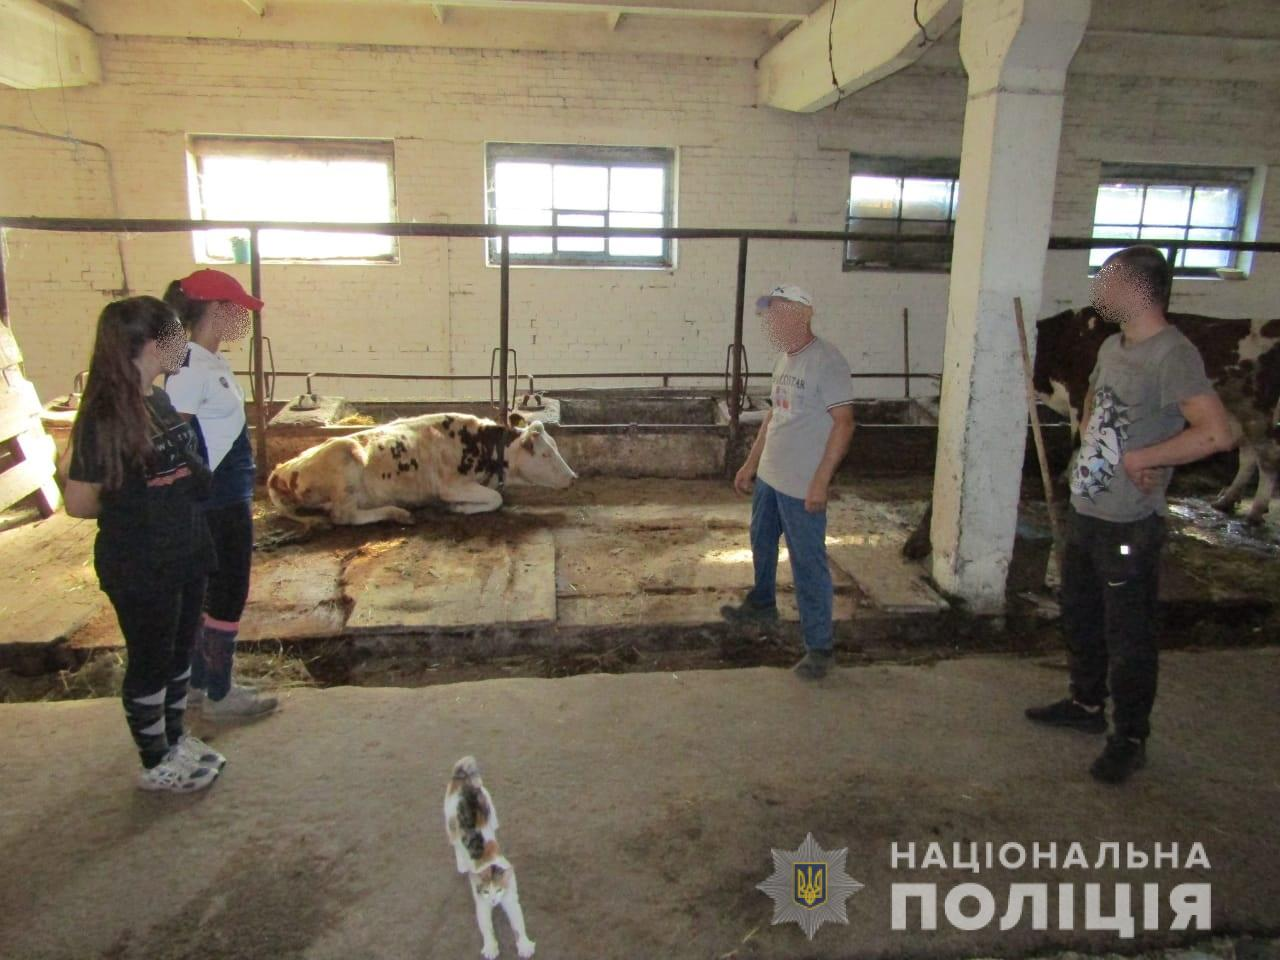 WhatsApp-Image-2019-08-20-at-12.46.19 Віддай корову - отримай в щелепу: в Броварах здійснено напад на ферму